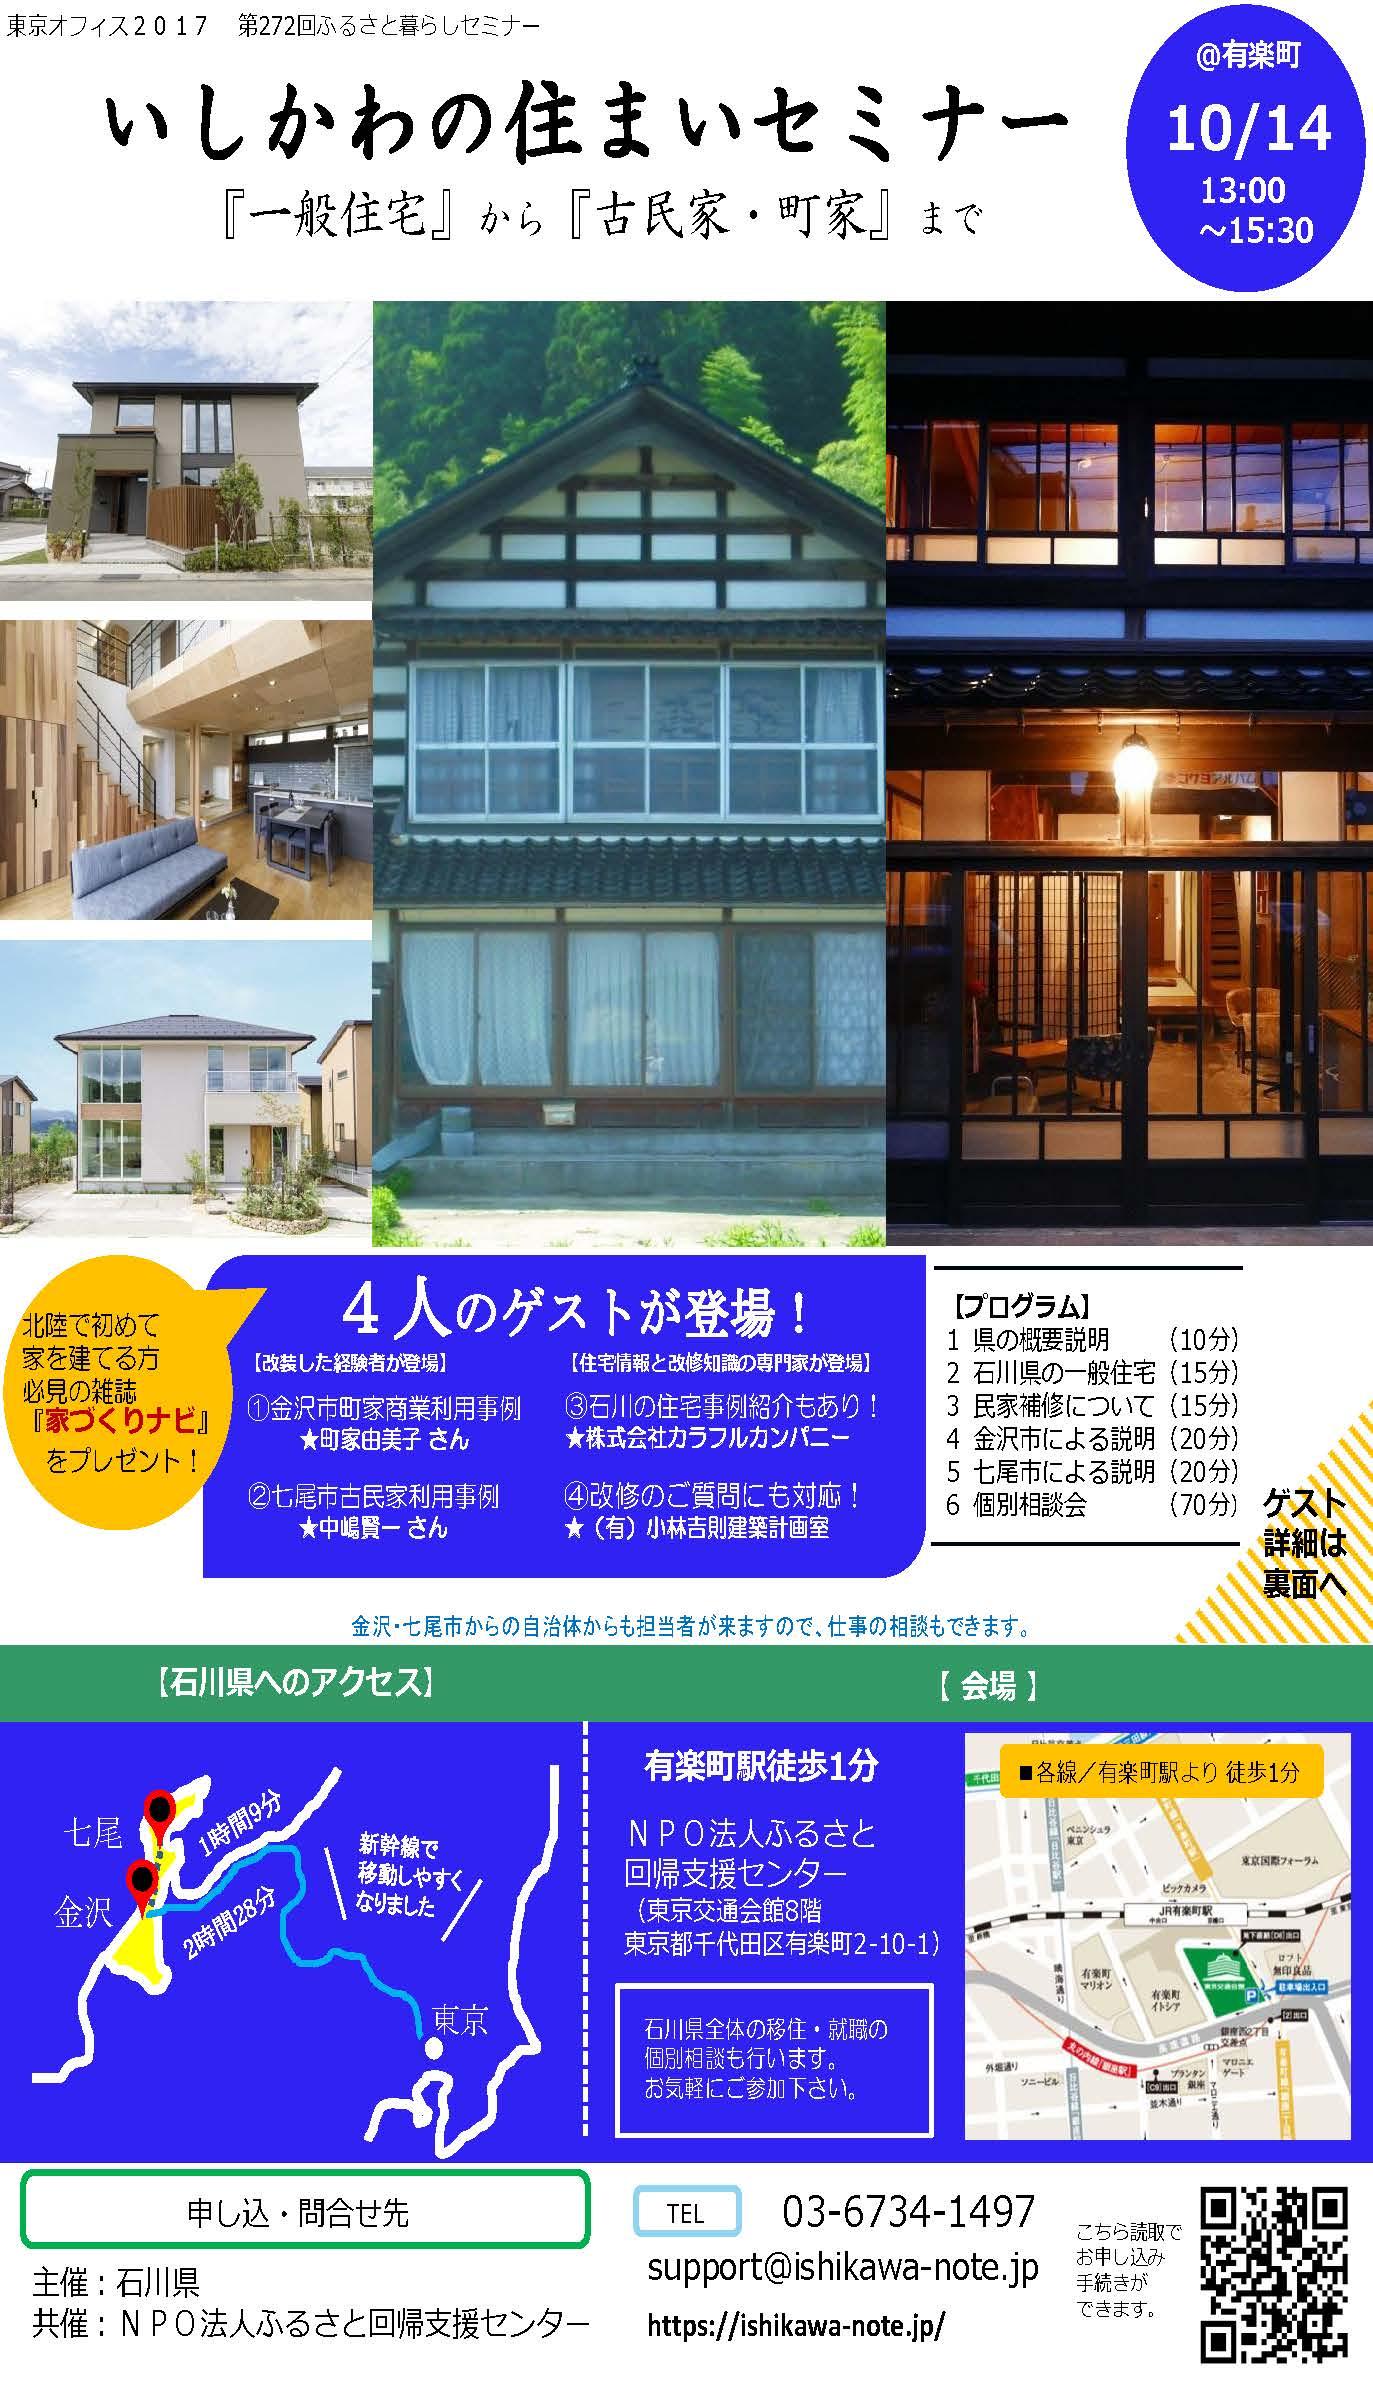 石川で住まいをお探しなら。新築・古民家・町家まで